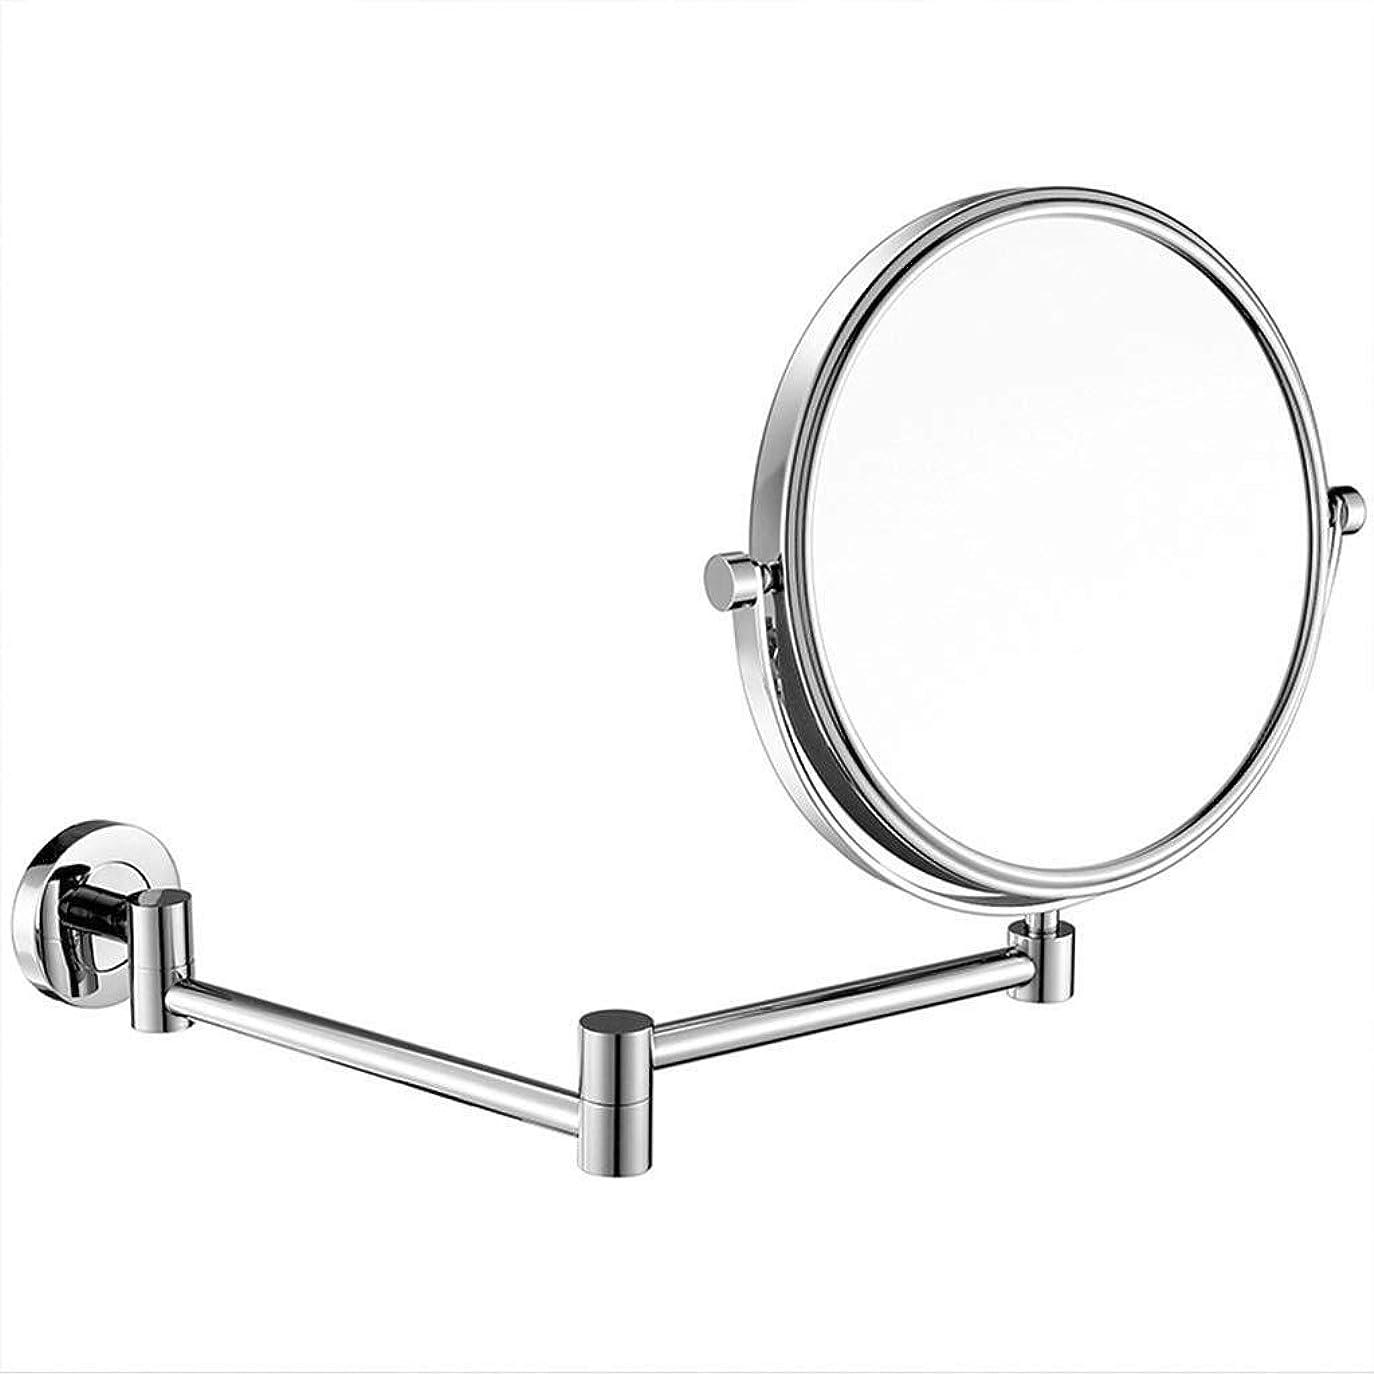 穿孔する先のことを考える紳士SDFDP 壁掛け化粧鏡壁掛け銅メイクアップミラー6インチ伸縮折りたたみ浴室5X拡大鏡 (Color : Silver, Size : 6 inches 5X)